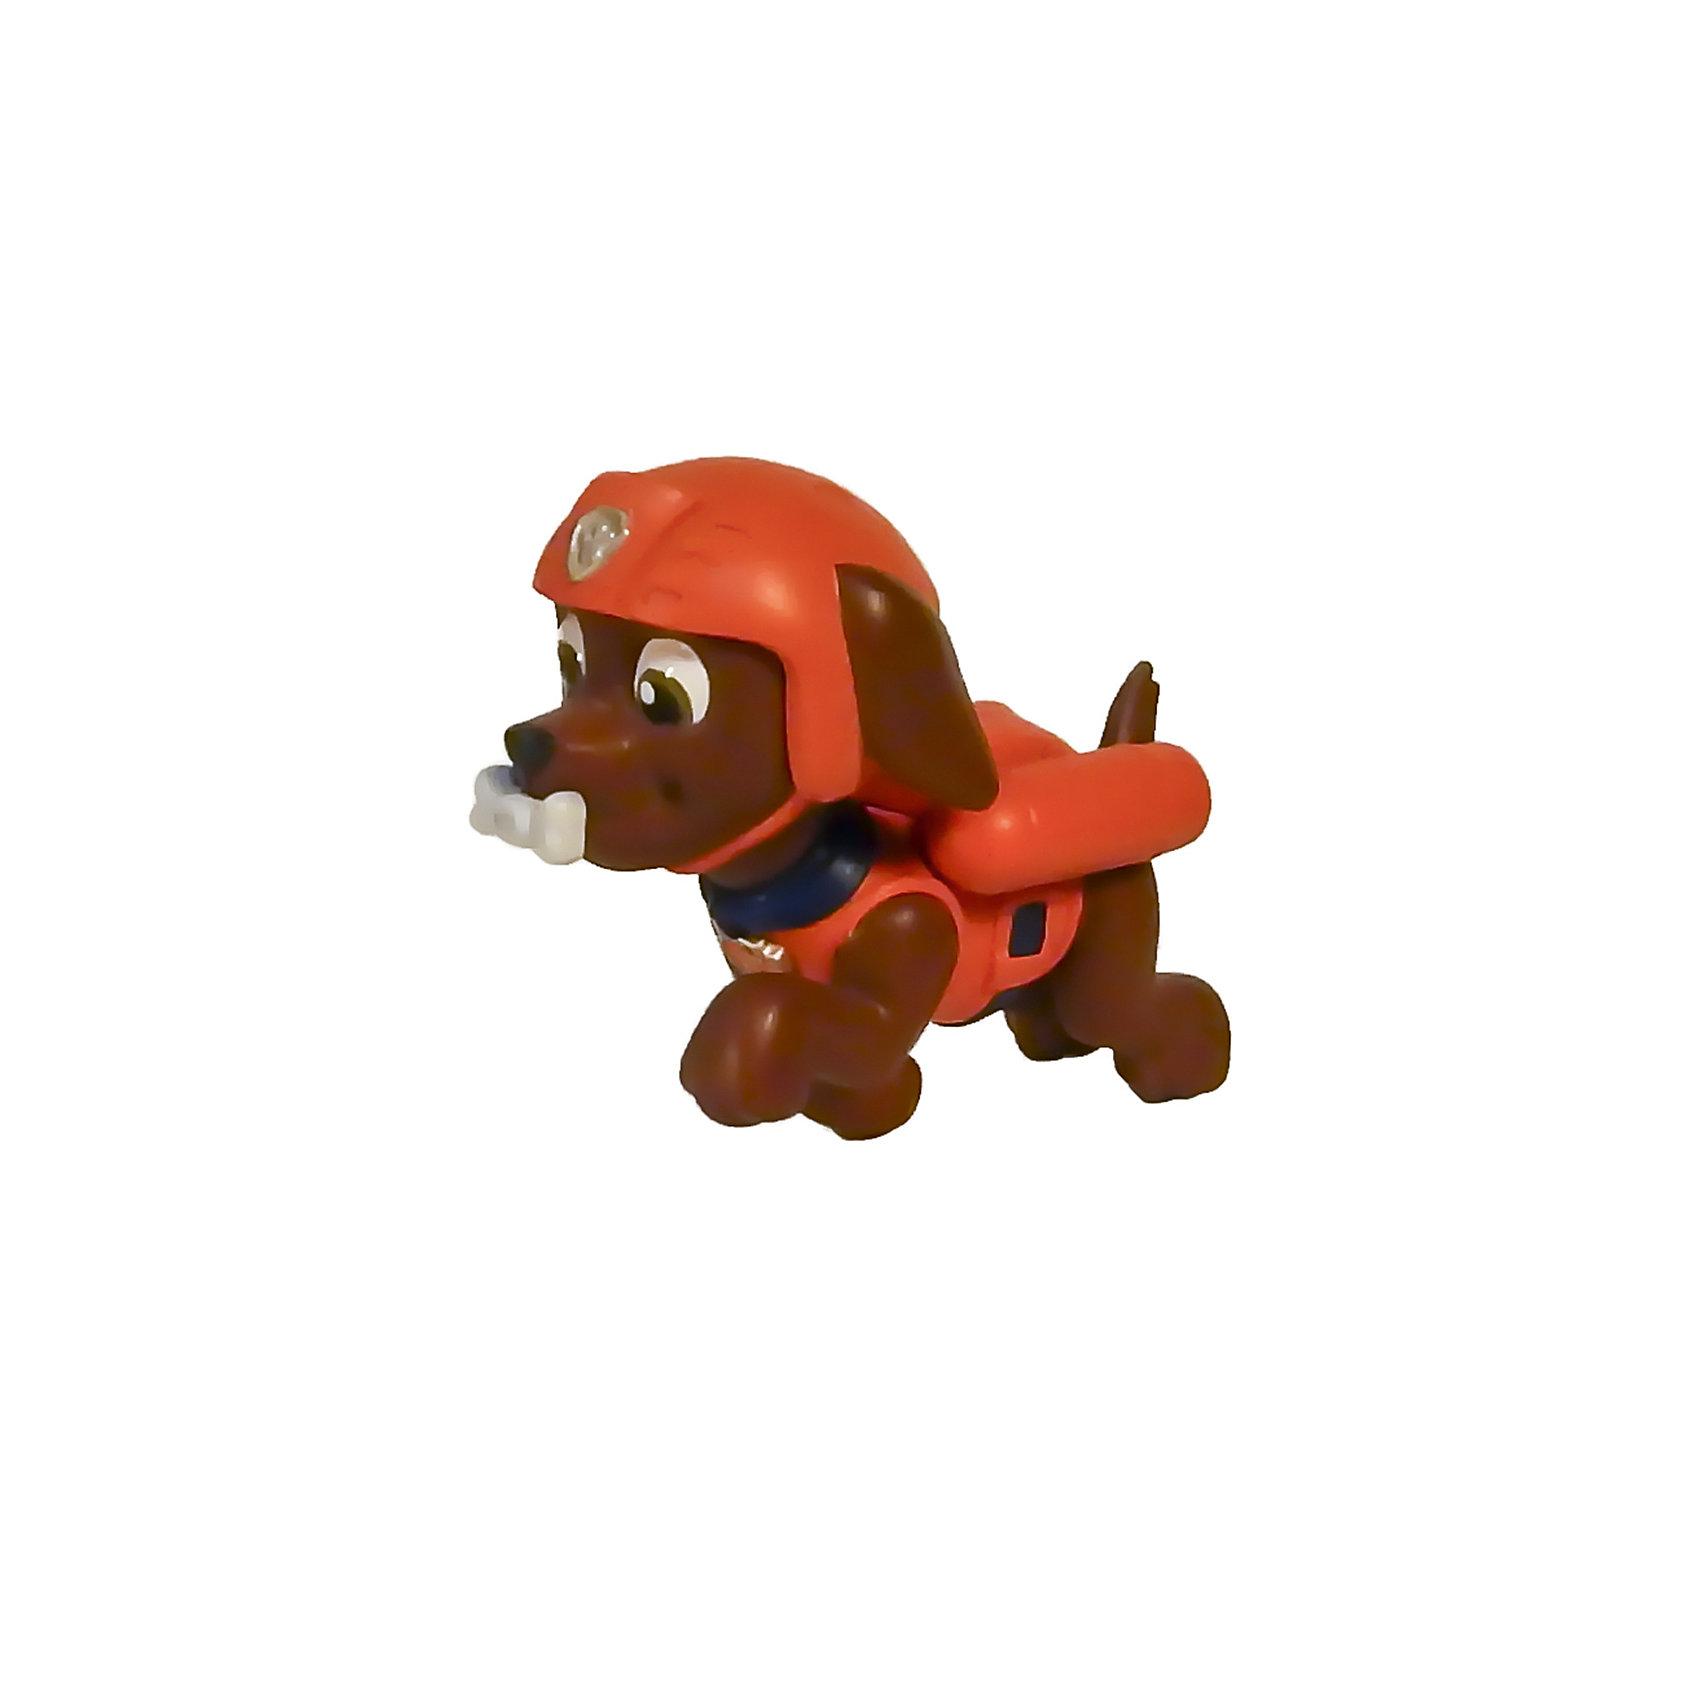 Маленькая фигурка щенка Зумы, Щенячий патруль, Spin MasterЗума  прекрасно проводит спасательные операции на воде! В этом ему нет равных. Коллекционная фигурка из серии Paw Patrol (Щенячий патруль) прекрасно детализирована, очень реалистична - в точности повторяет облик персонажа любимого мультфильма. Собери всю коллекцию щенков-спасателей! <br><br><br>Дополнительная информация:<br><br>- Материал: пластик.<br>- Размер фигурки: 7 см. <br>- У фигурки подвижная голова.<br><br>Маленькую фигурку щенка Зумы, Щенячий патруль, Spin Master (Спин Мастер) можно купить в нашем магазине.<br><br>Ширина мм: 60<br>Глубина мм: 40<br>Высота мм: 50<br>Вес г: 554<br>Возраст от месяцев: 36<br>Возраст до месяцев: 72<br>Пол: Унисекс<br>Возраст: Детский<br>SKU: 4004749